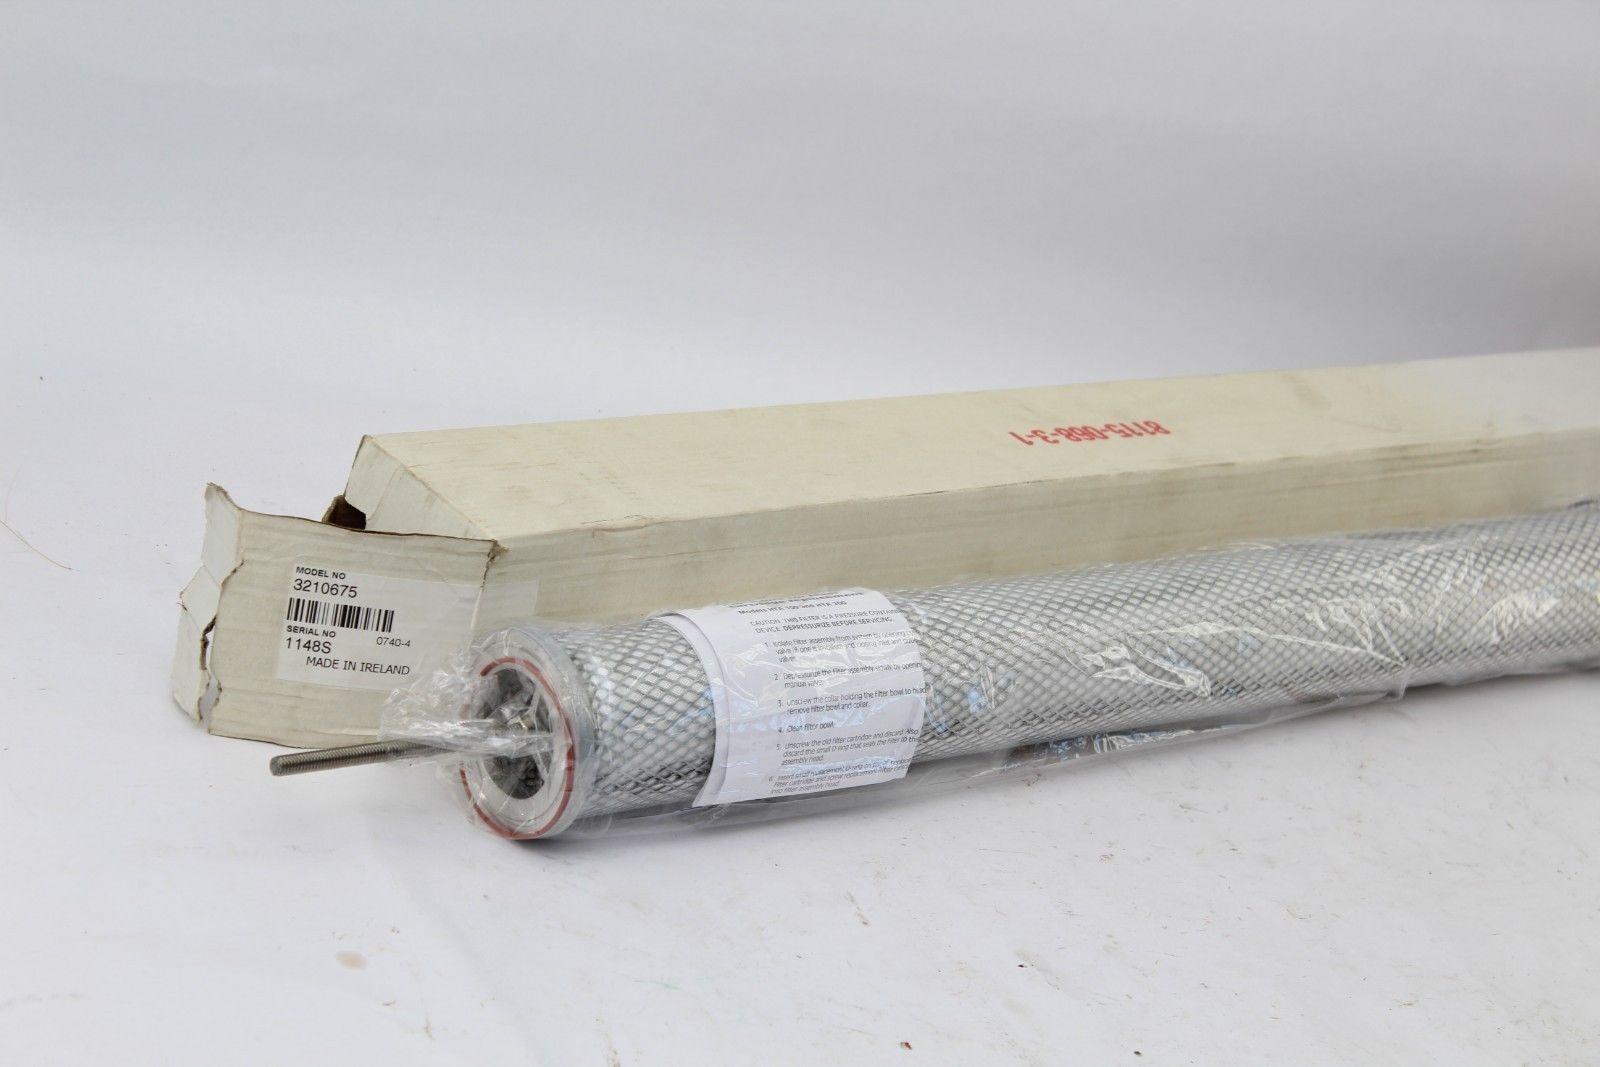 FAST SHIP!!! HANKISON 3210675 FILTER ELEMENT KIT HTA 1148S NEW IN BOX (Pallet) 2